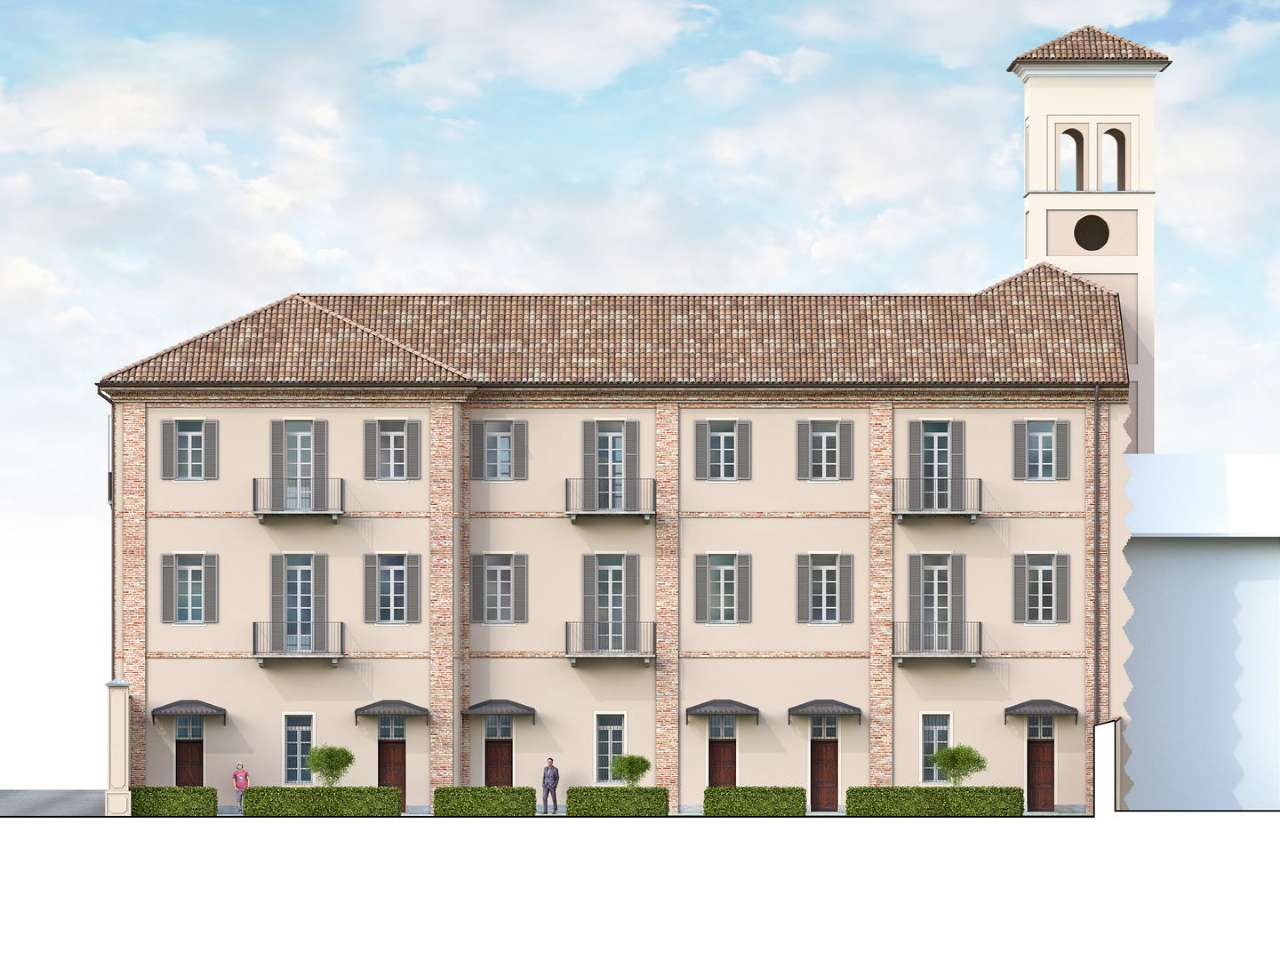 Appartamento in vendita a Cherasco, 2 locali, prezzo € 1.000 | CambioCasa.it